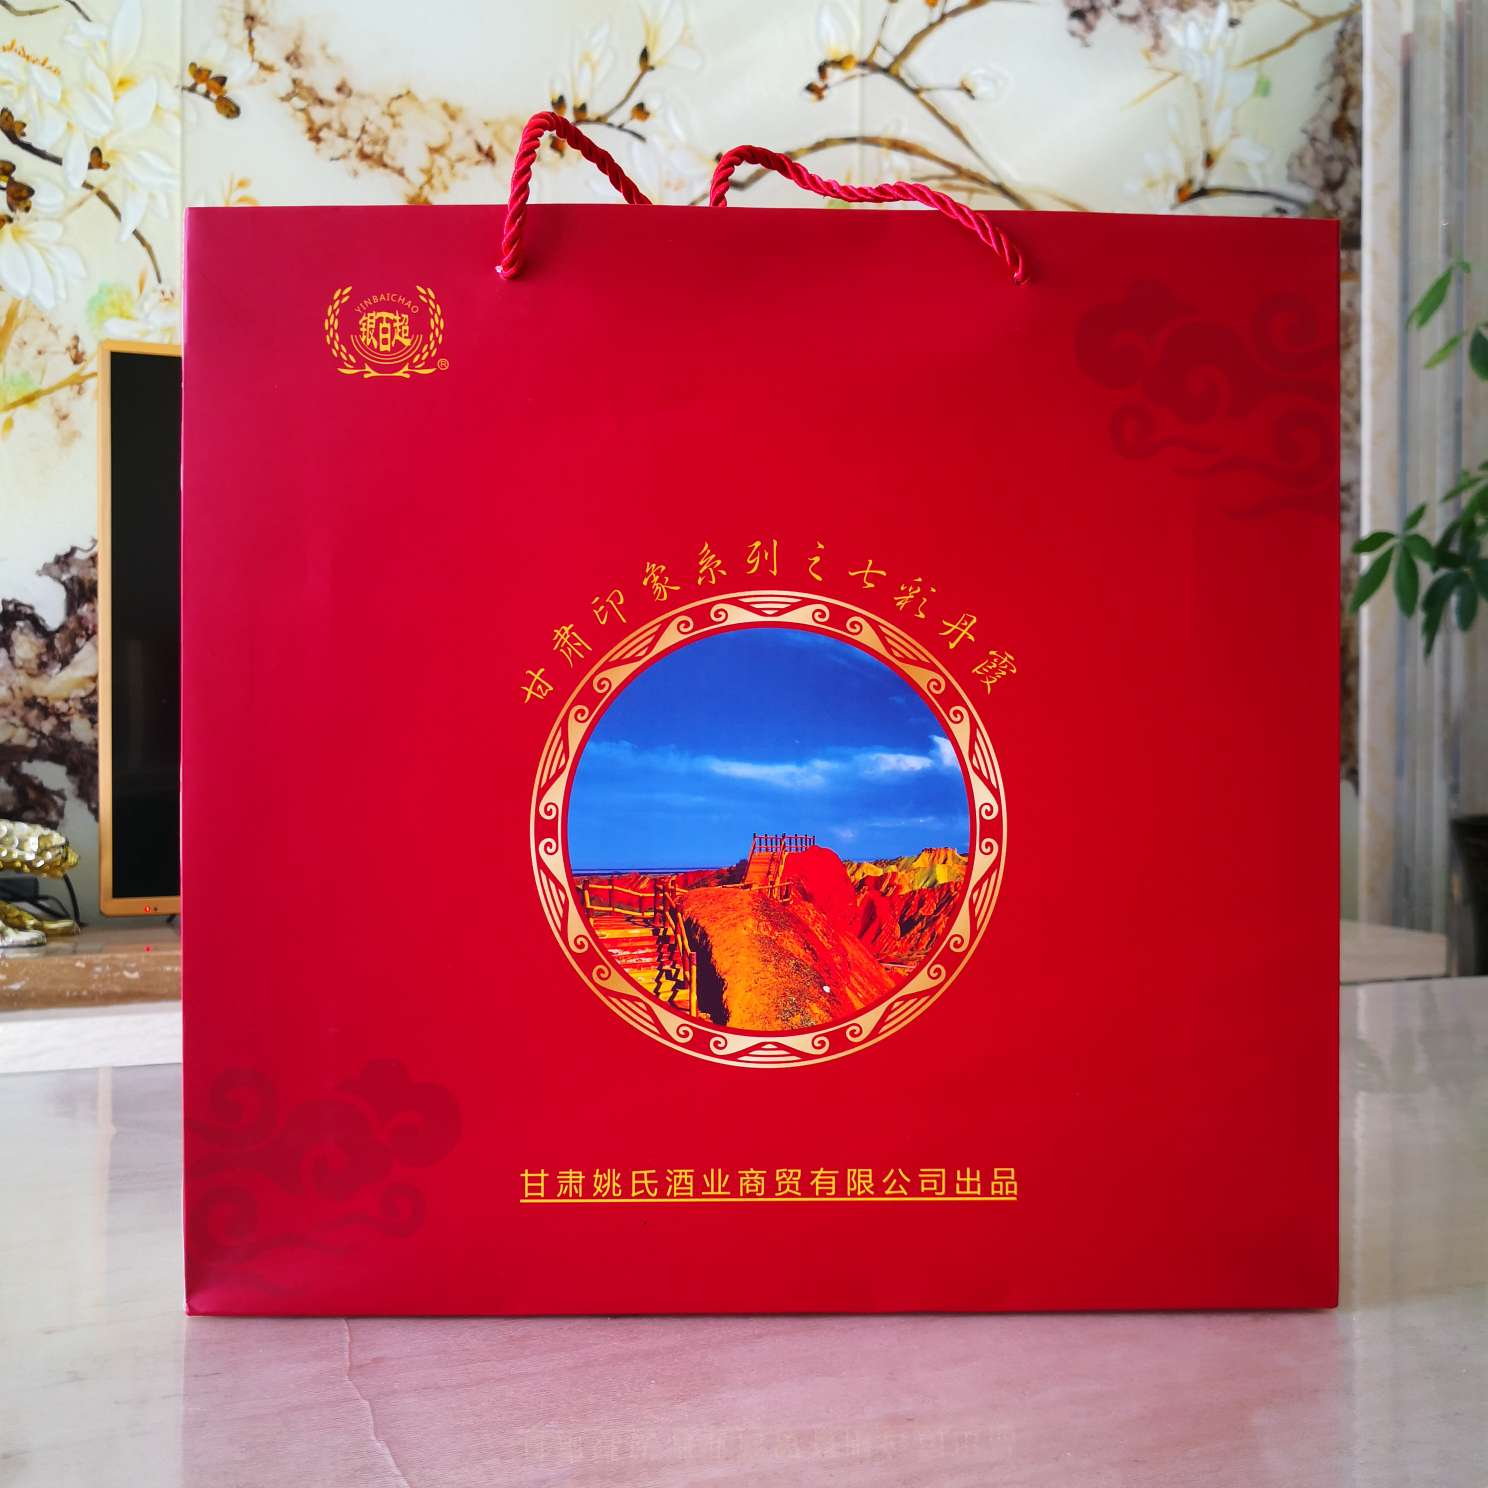 甘肃印象文化收藏酒之七彩丹霞